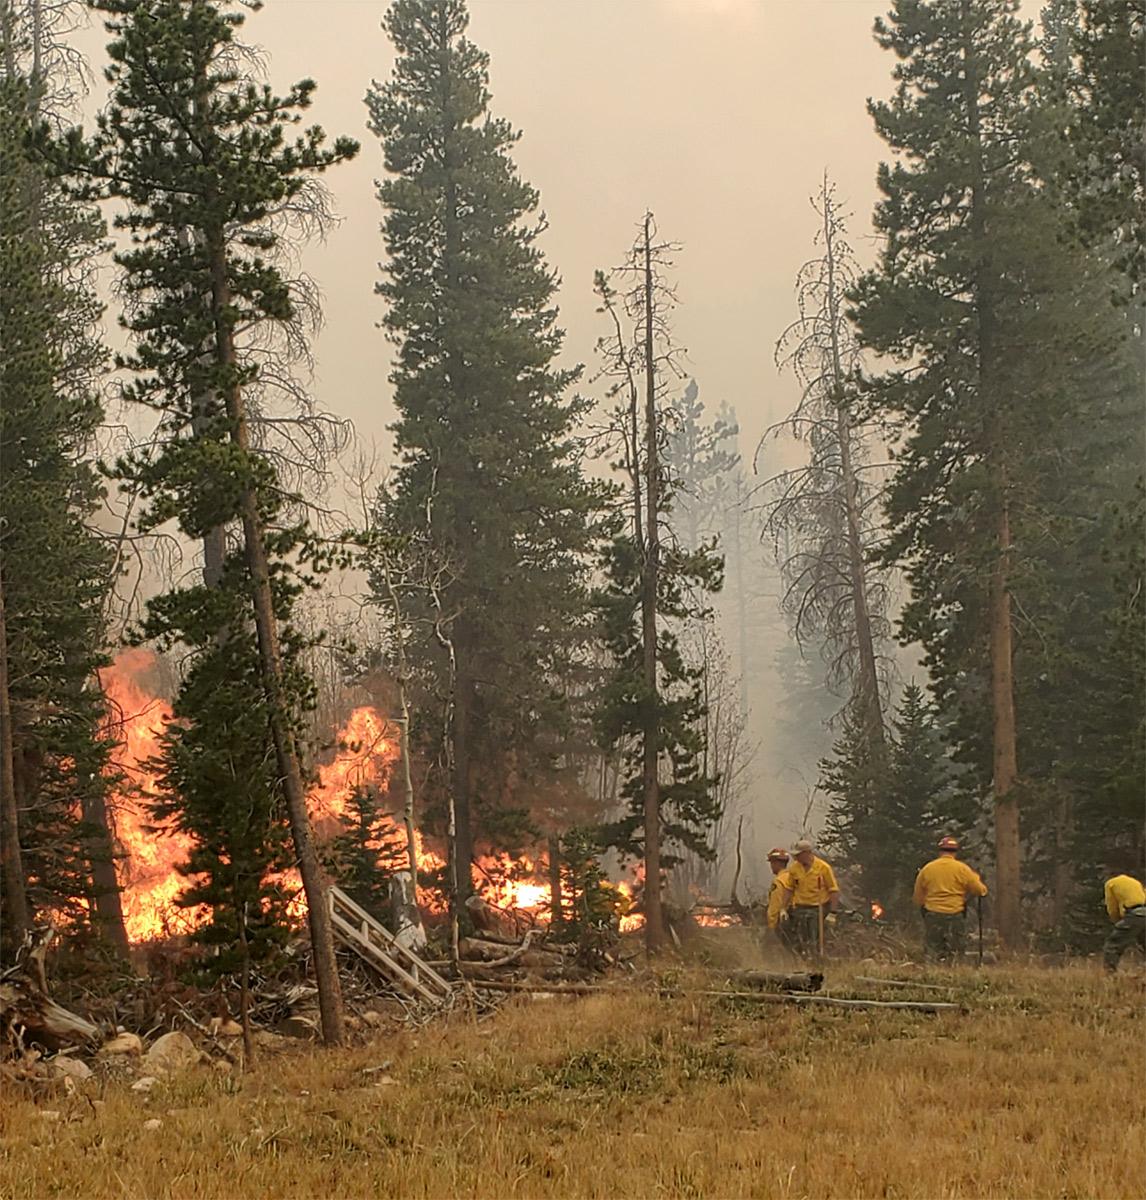 Imagen 2: Fuego